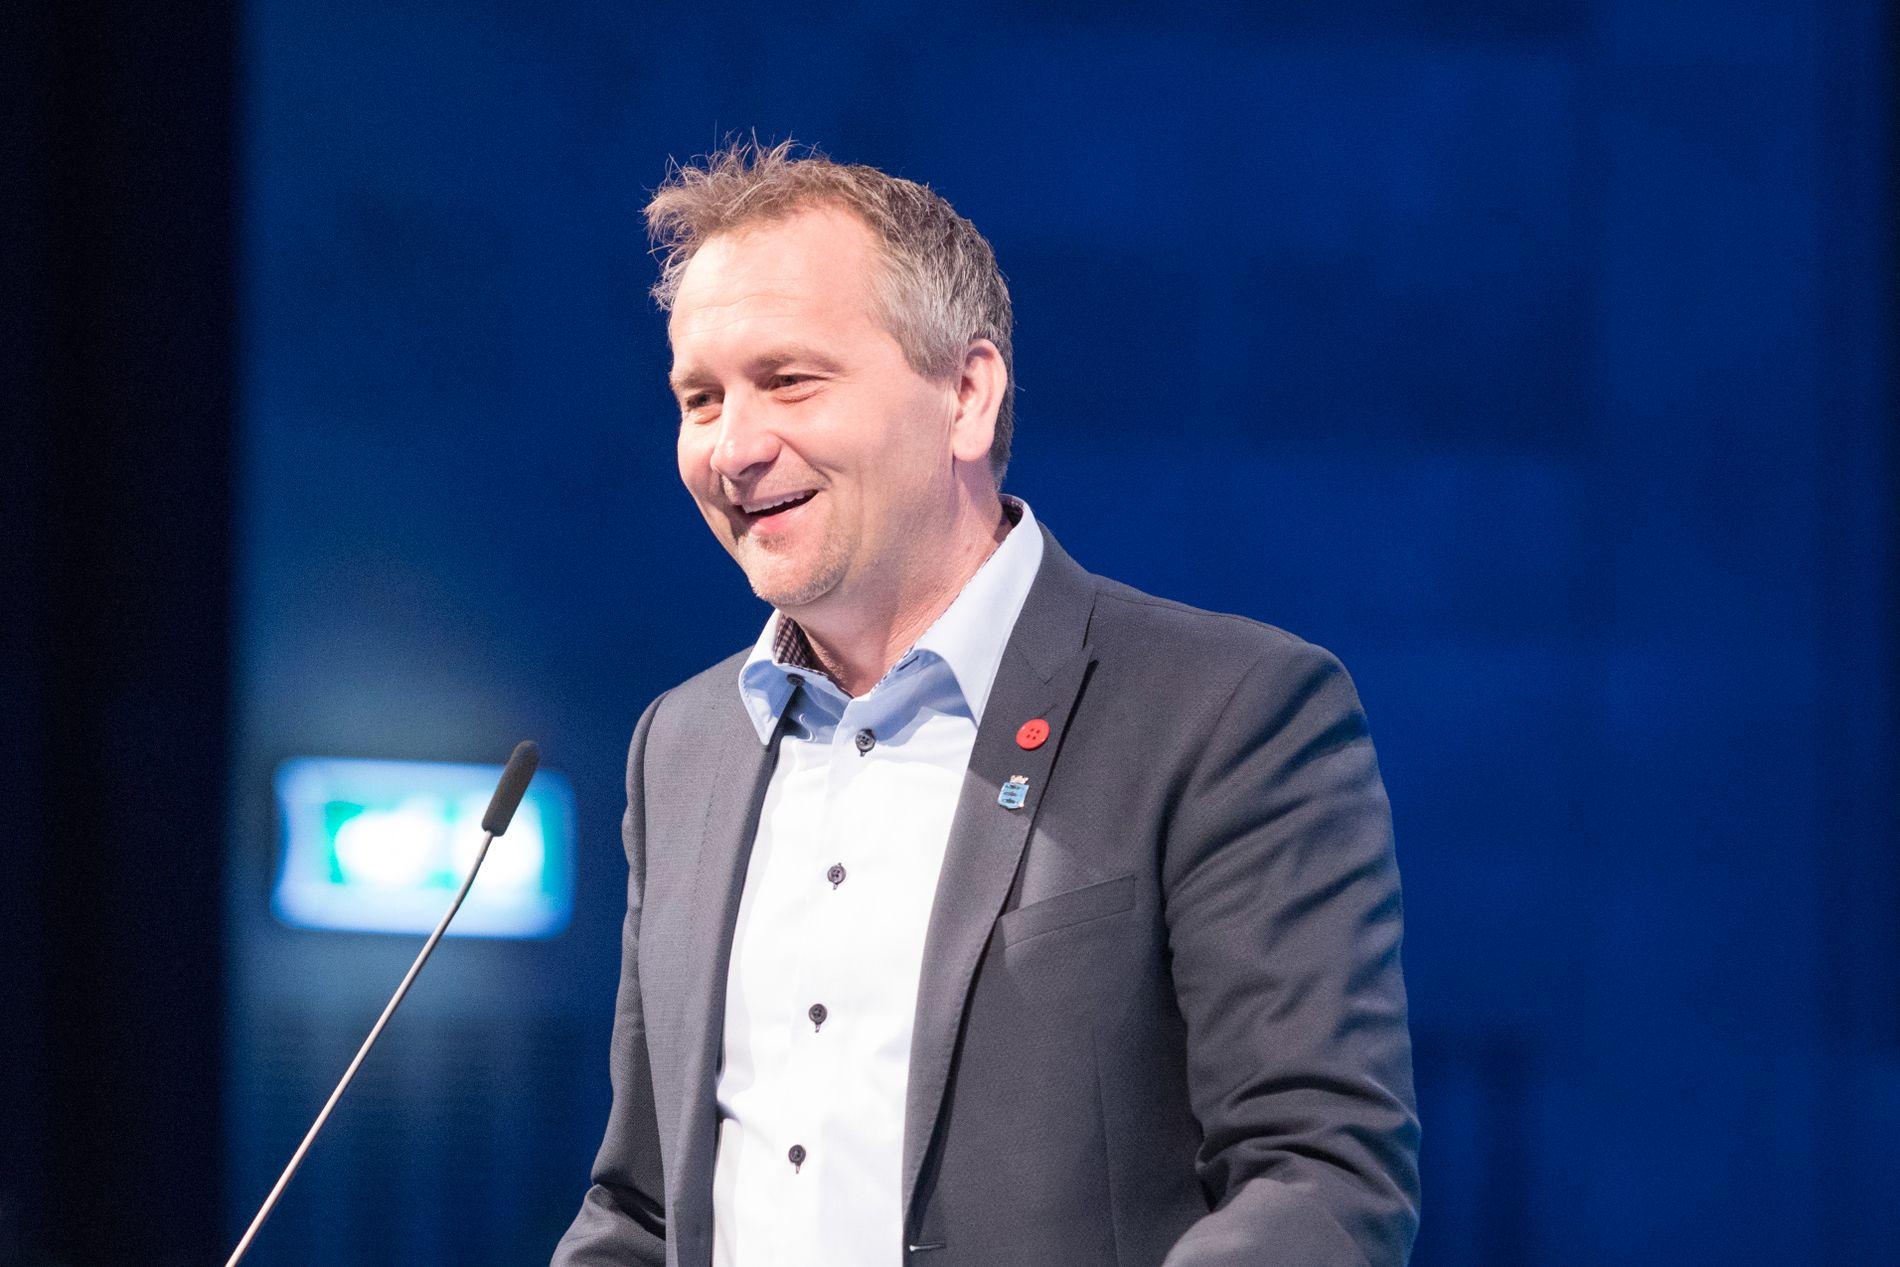 FRP-ORDFØRER: Alf Erik Andersen ble valgt inn i sentralstyret i Fremskrittspartiet i fjor, og har vært Mandal-ordfører siden 2015.